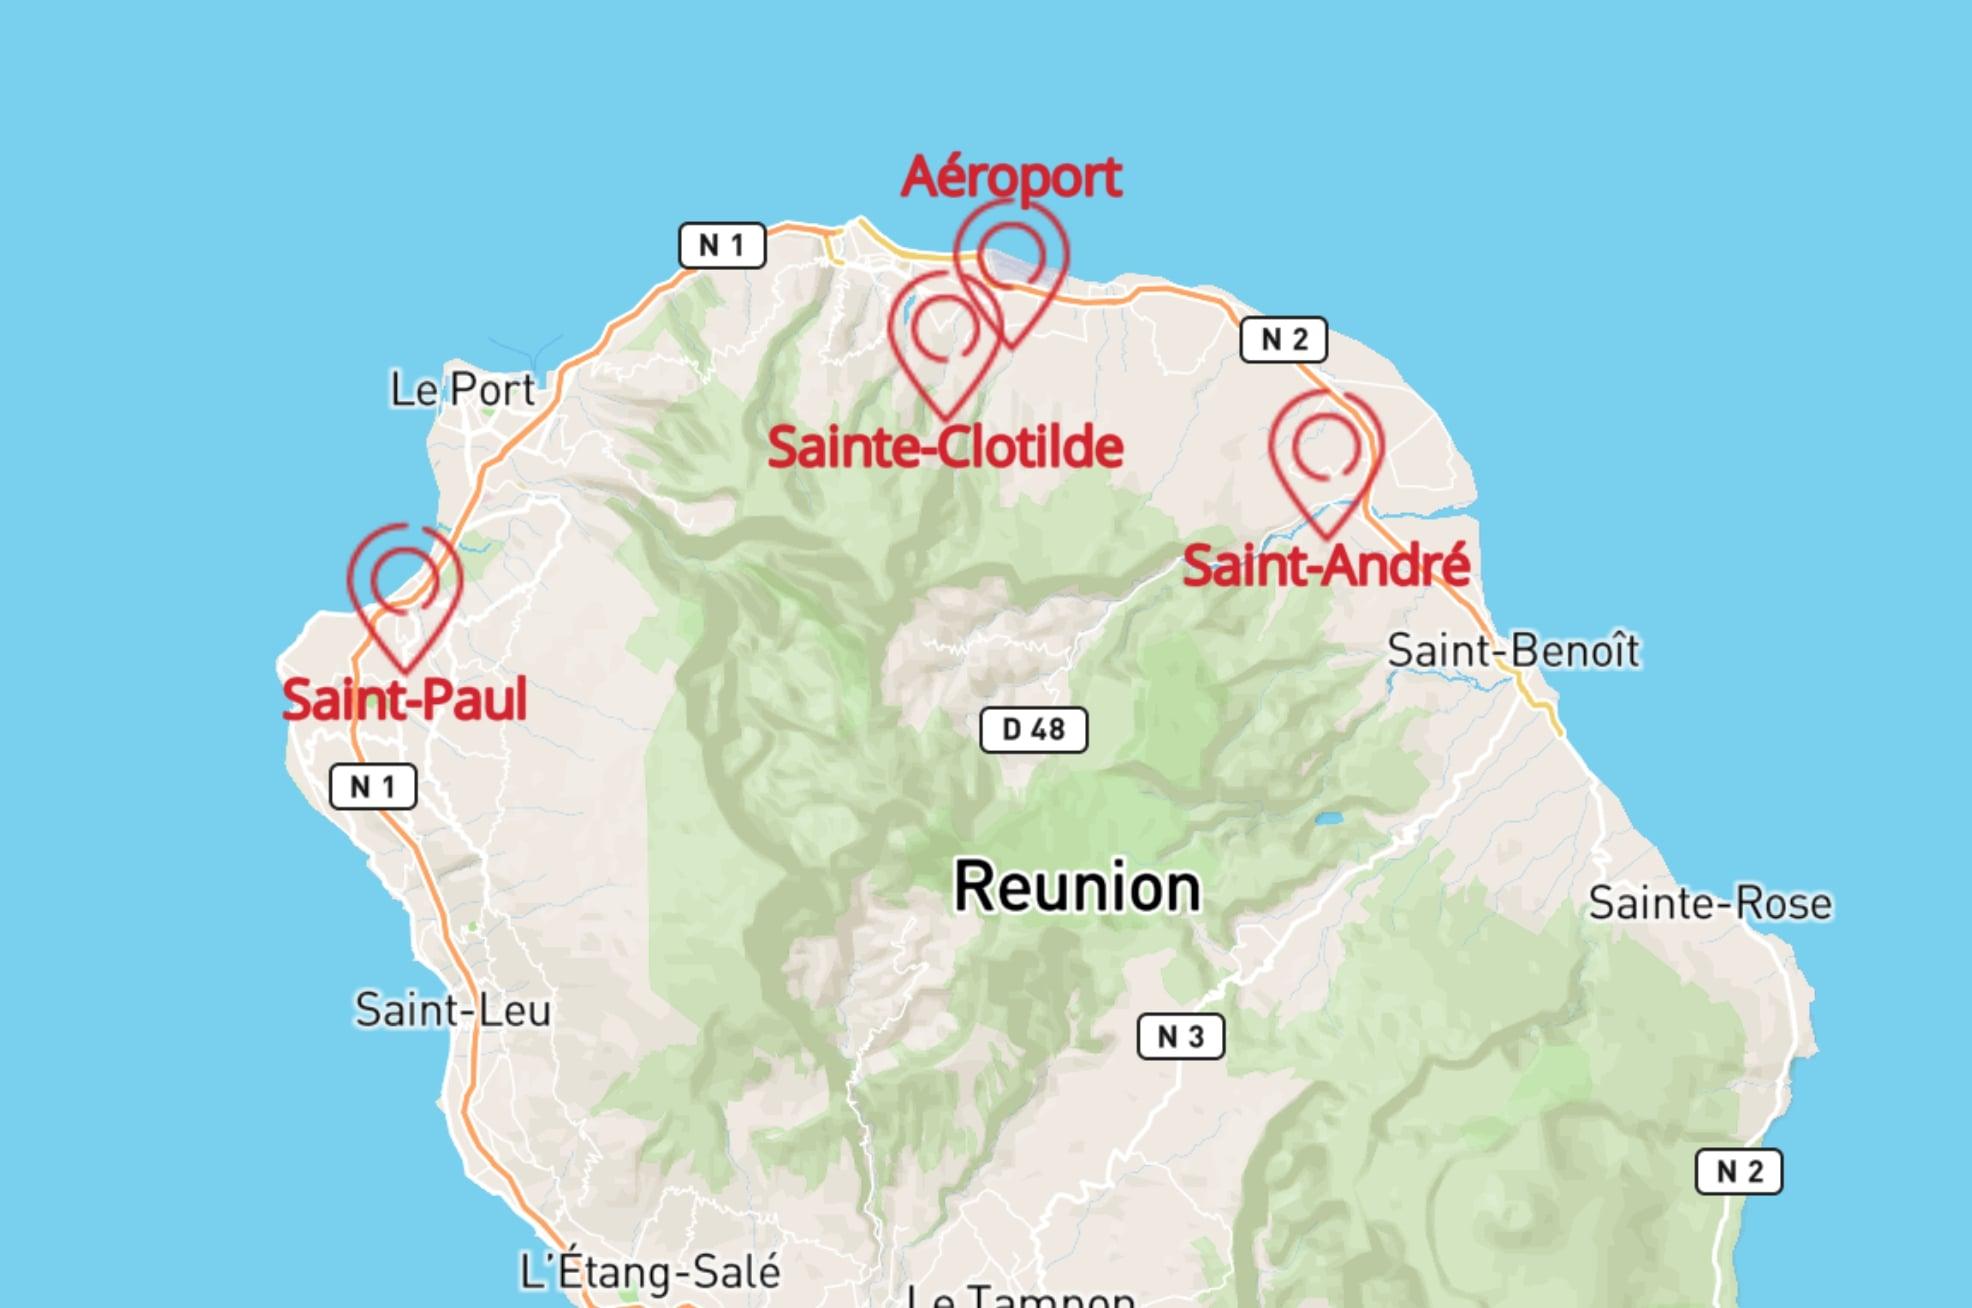 Les agences de location de voitures à La Réunion avec Multiauto